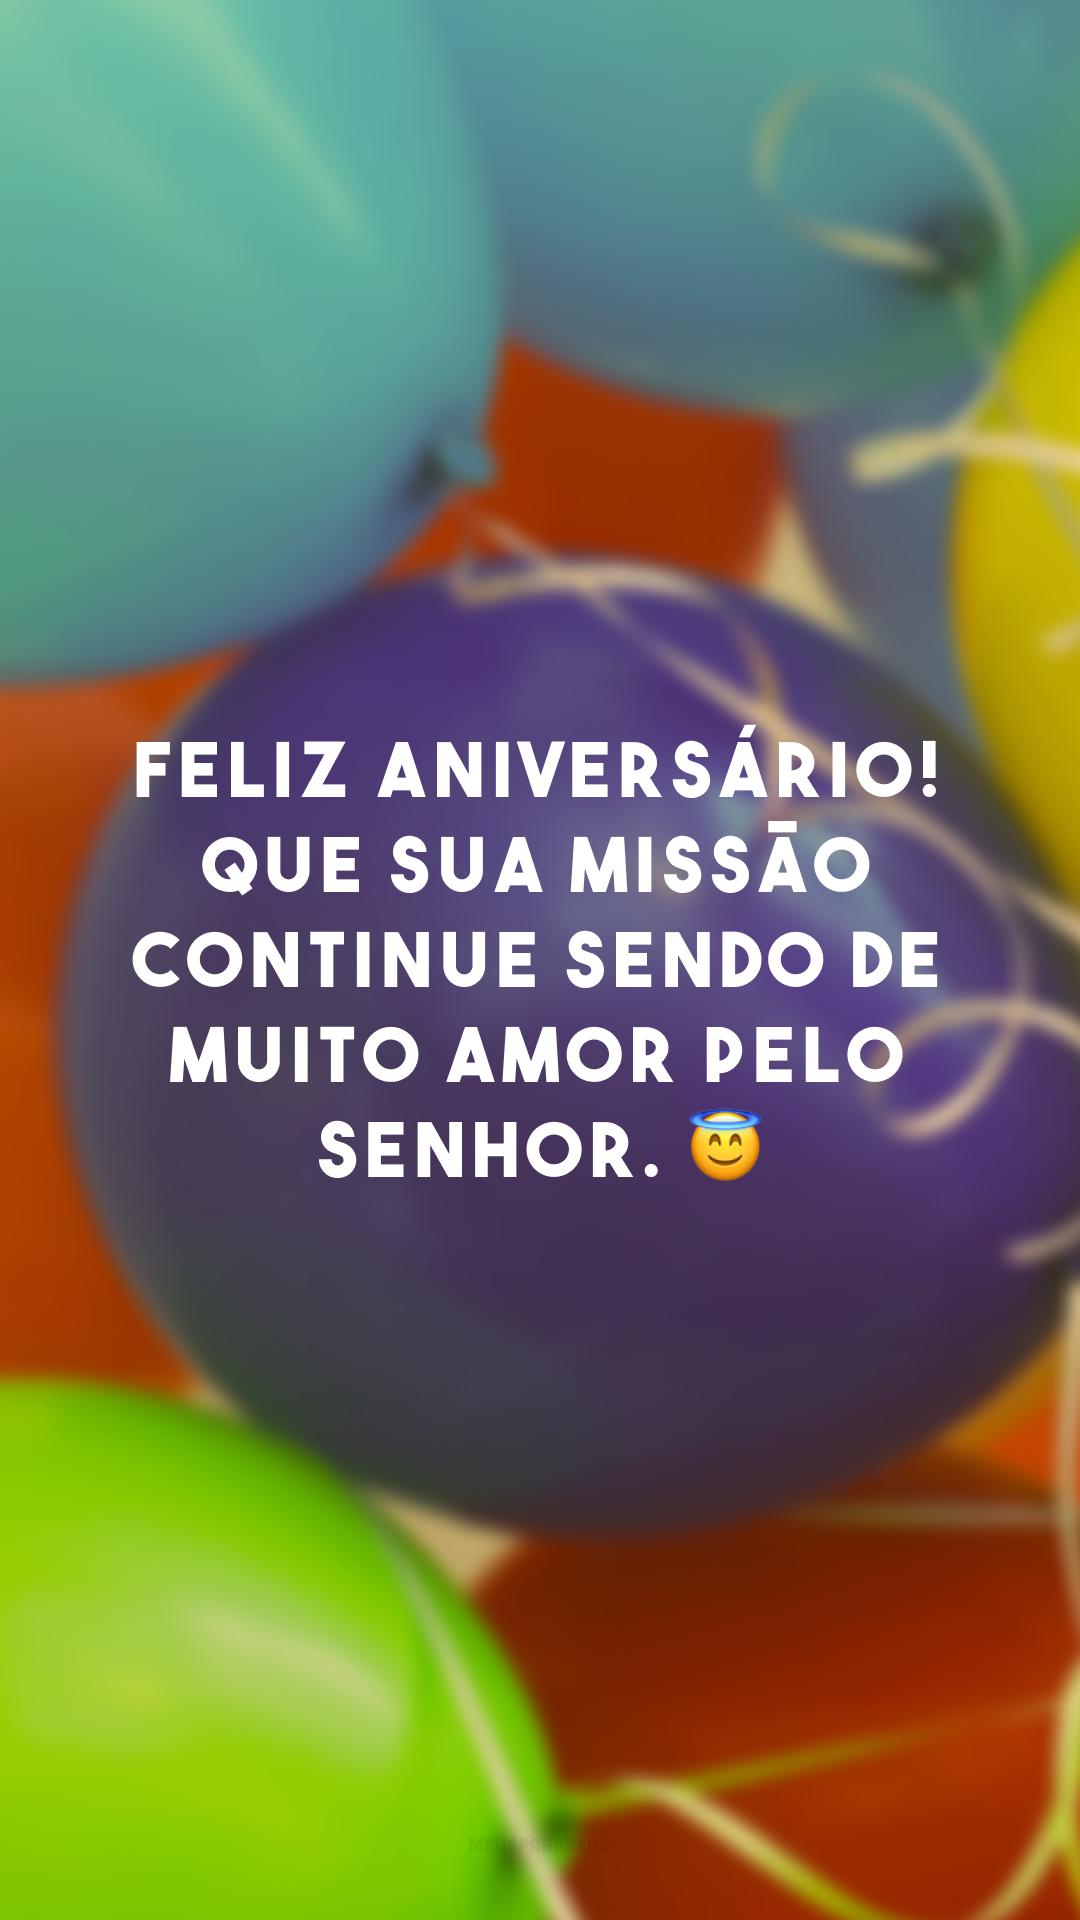 Feliz aniversário! Que sua missão continue sendo de muito amor pelo Senhor. 😇